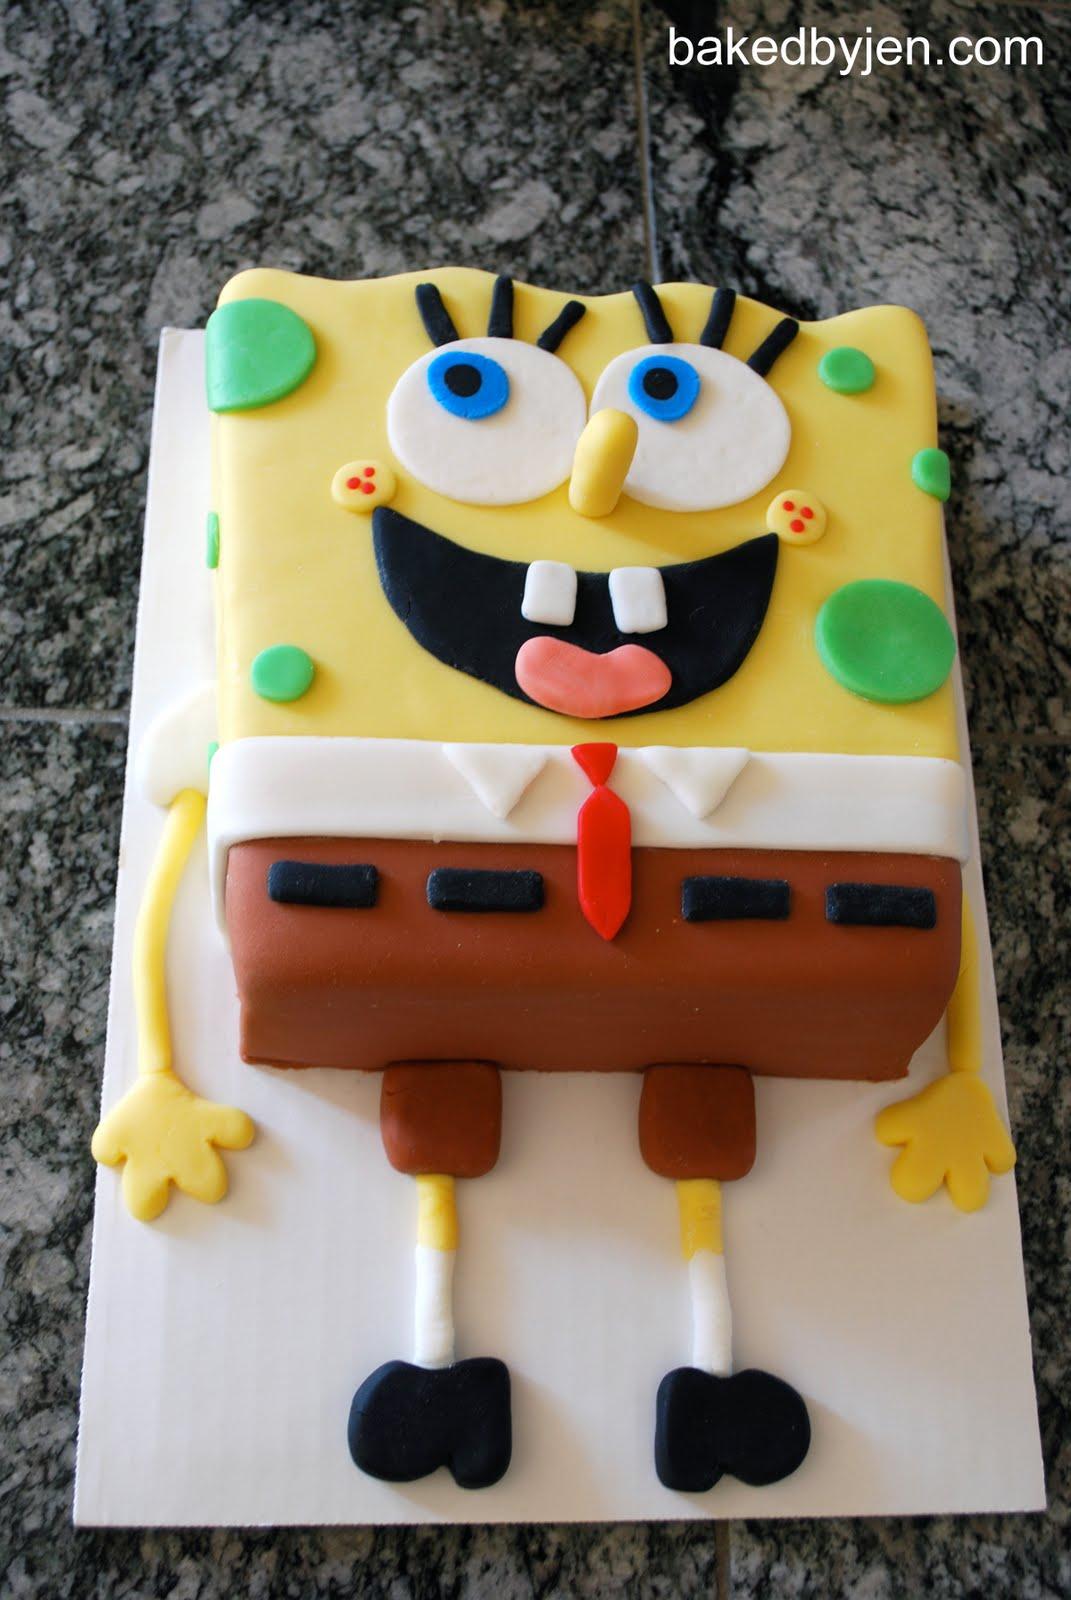 sponge bob square pants cake recipe best cake recipes